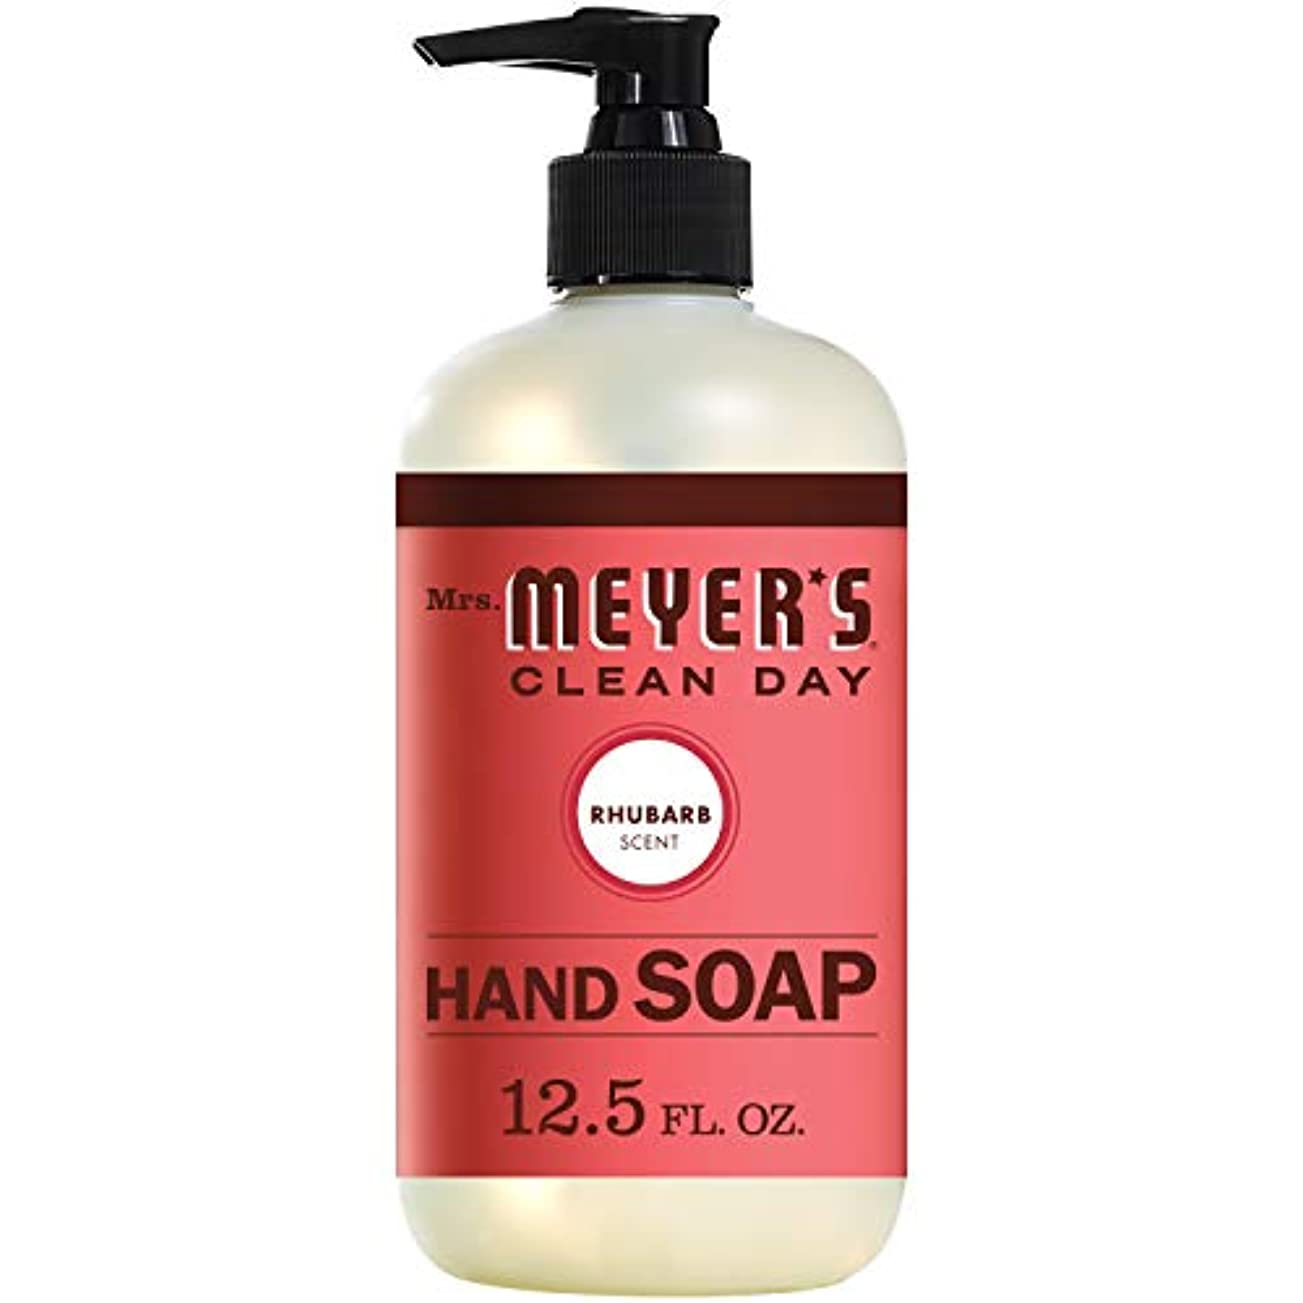 クーポン関係昼寝Mrs. Meyers Clean Day, Liquid Hand Soap, Rhubarb Scent, 12.5 fl oz (370 ml)